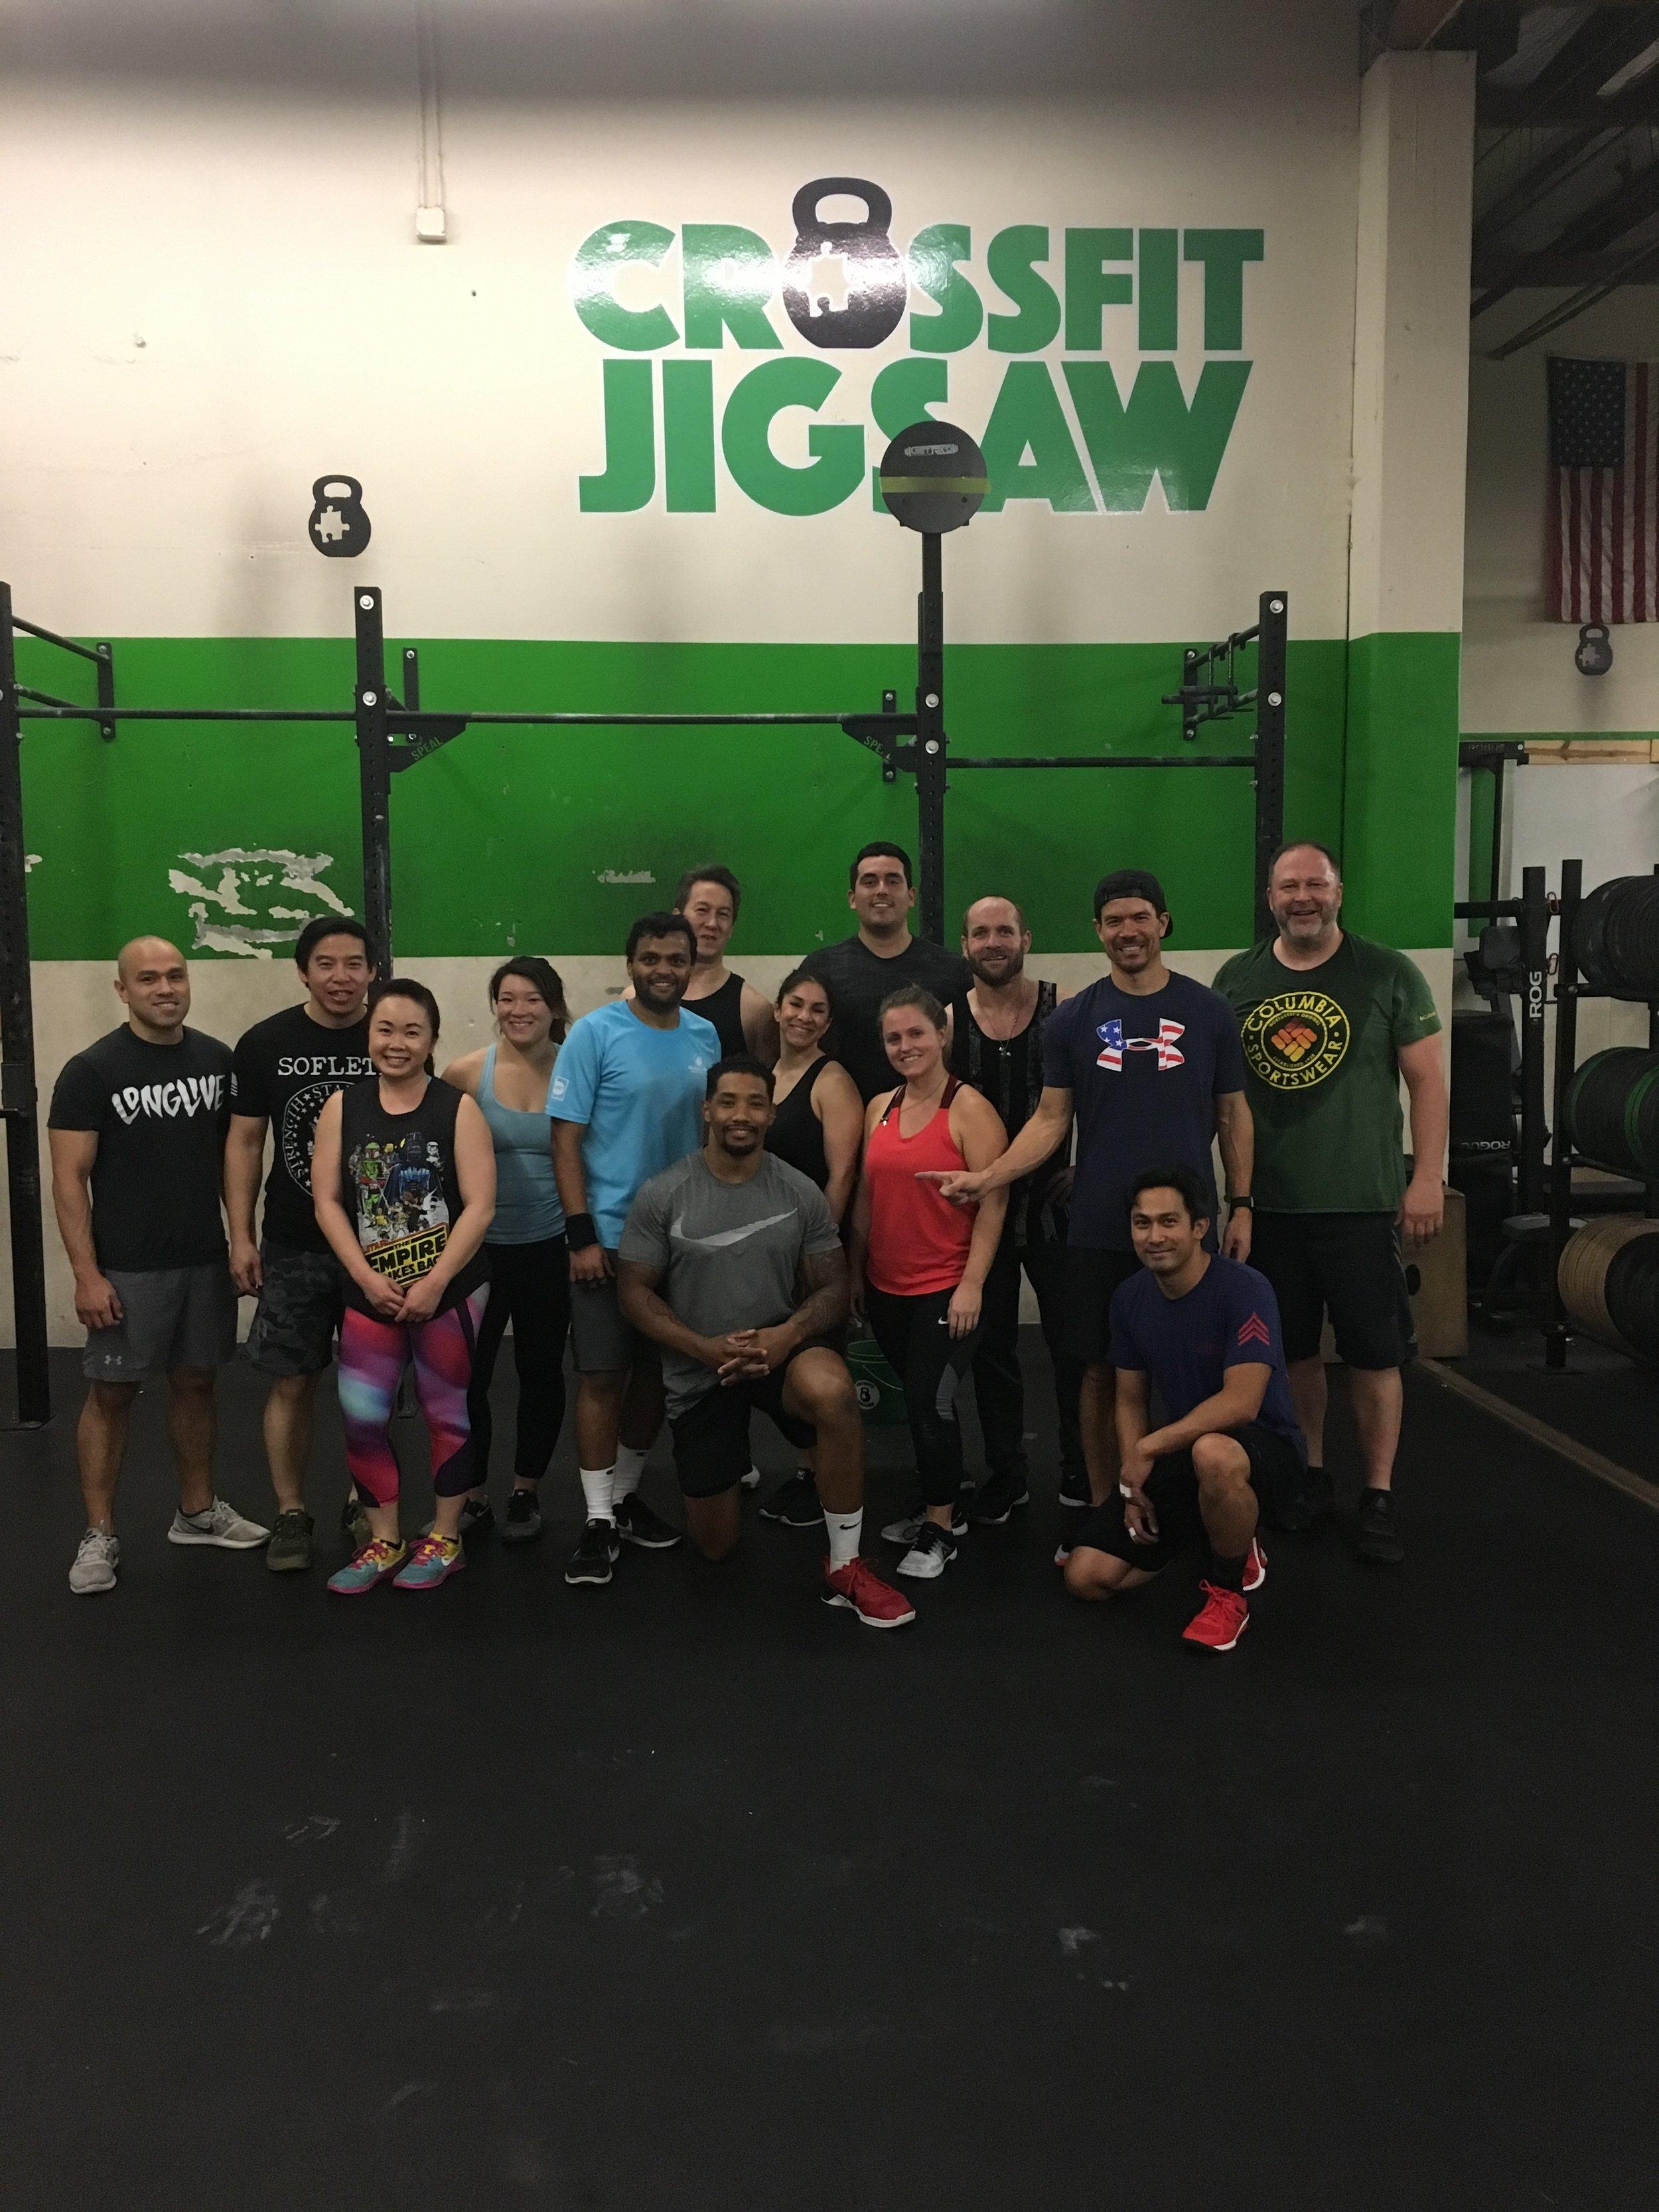 Coach John's first official class at Jigsaw